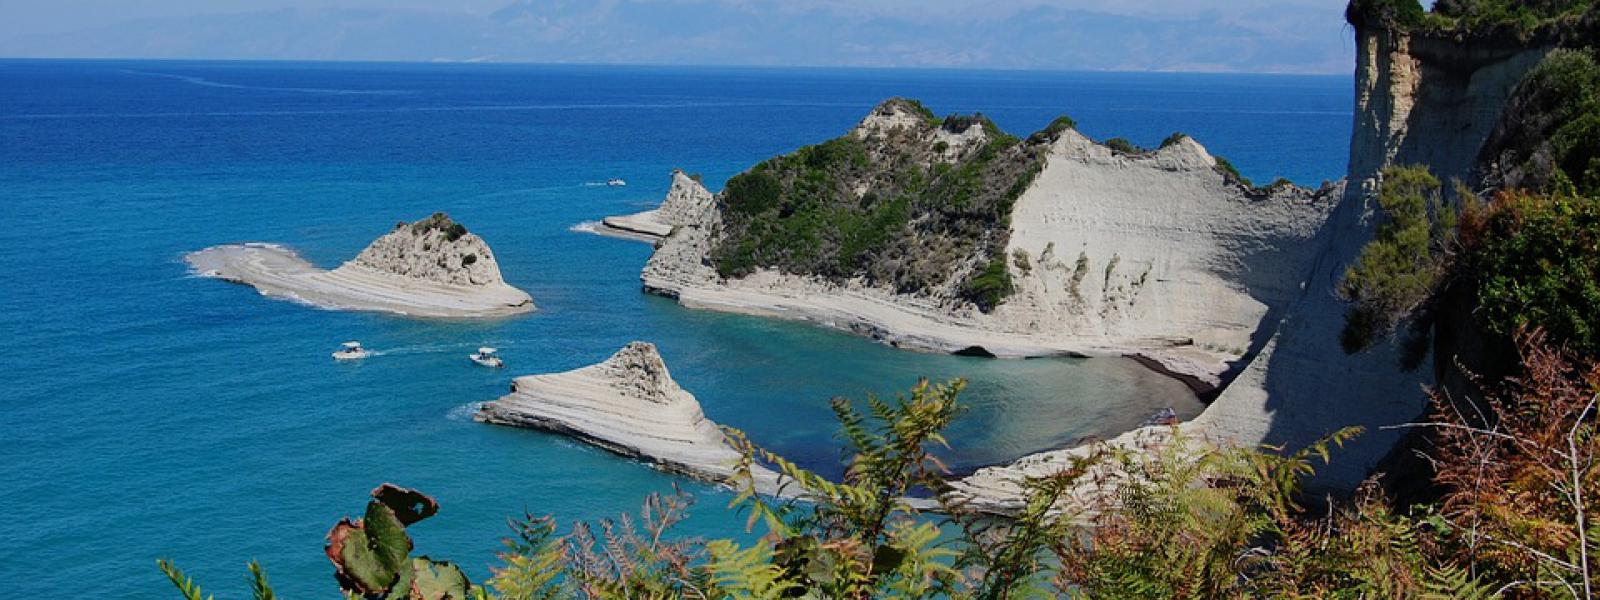 Corfu kliffen eiland griekenland De Globetrotter